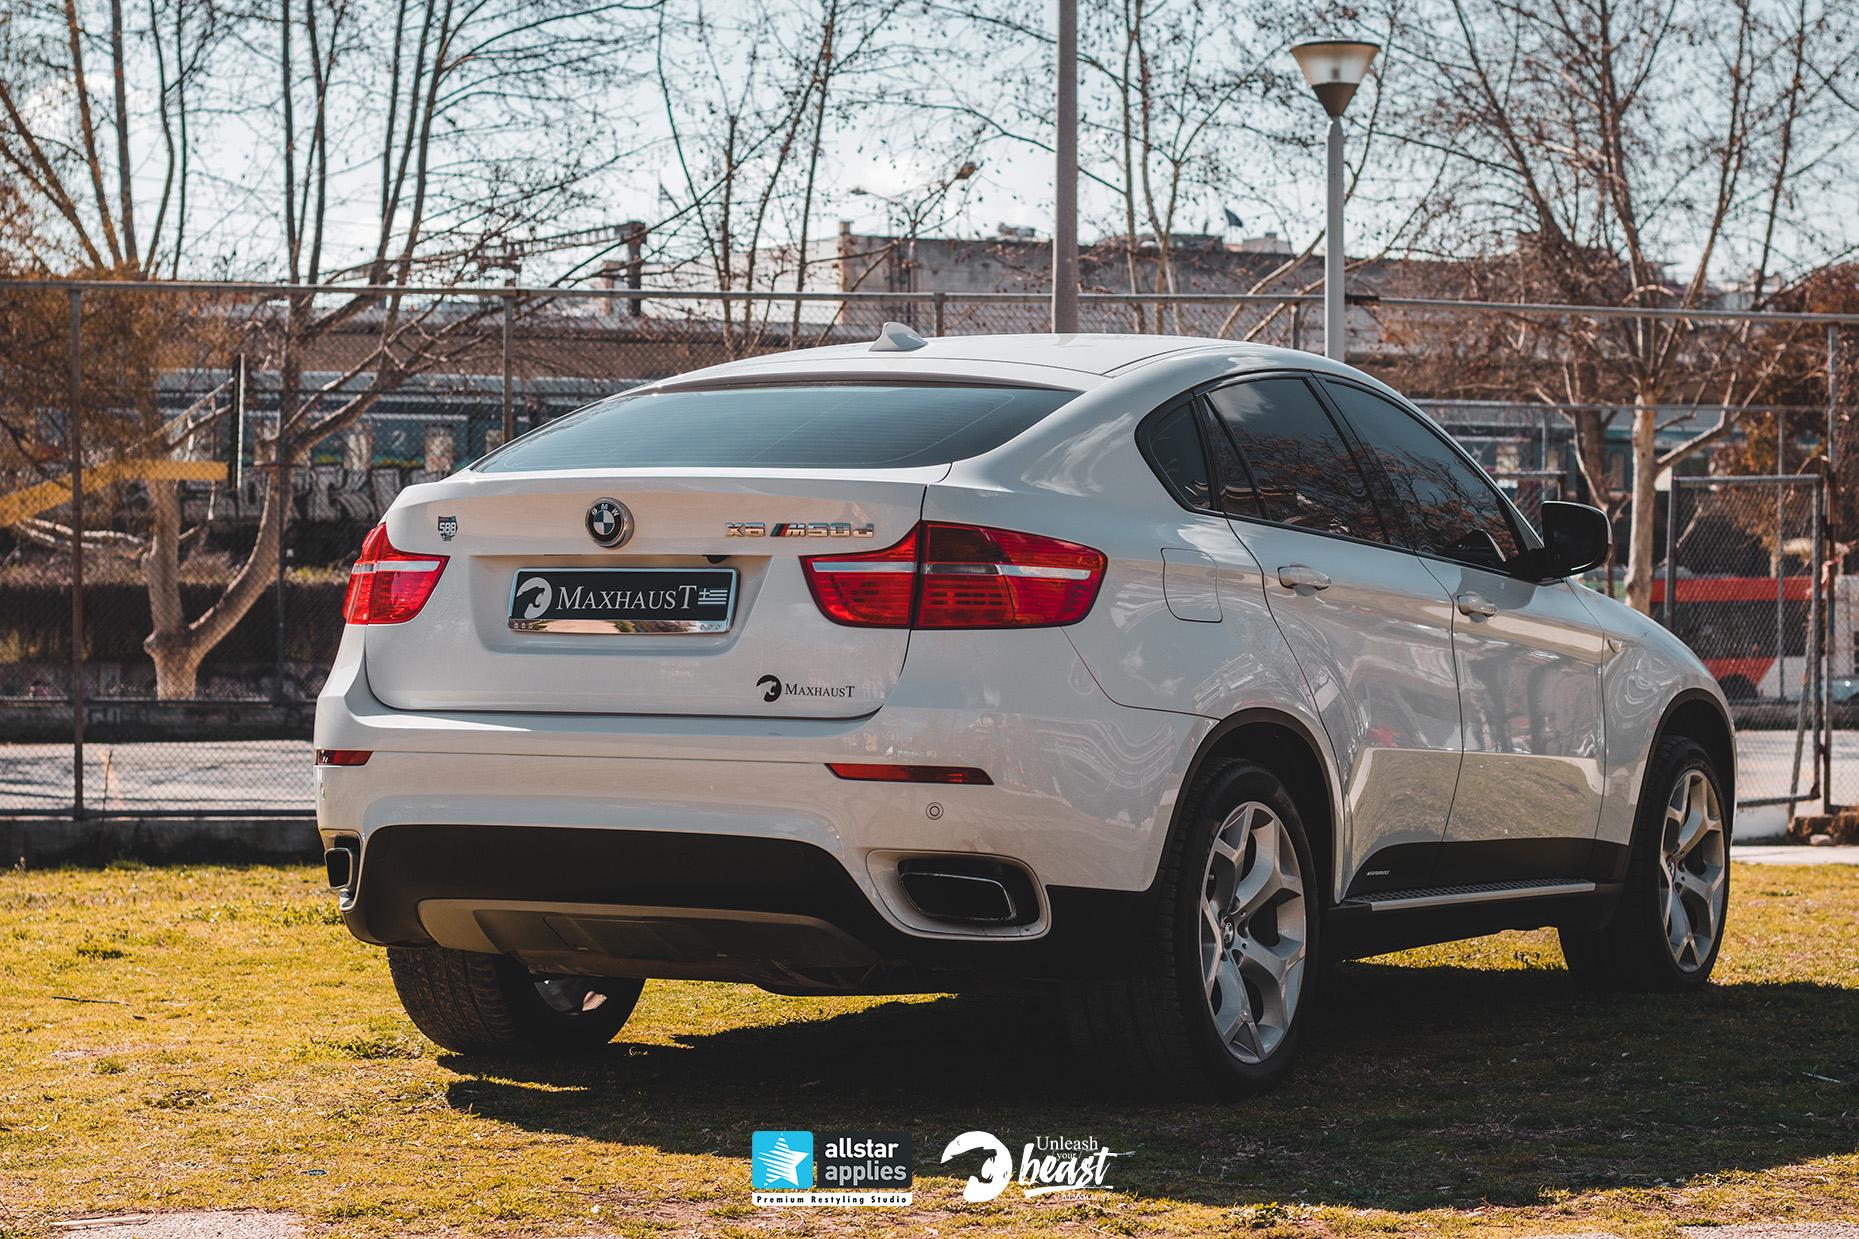 BMW X6 MAXHAUST 5